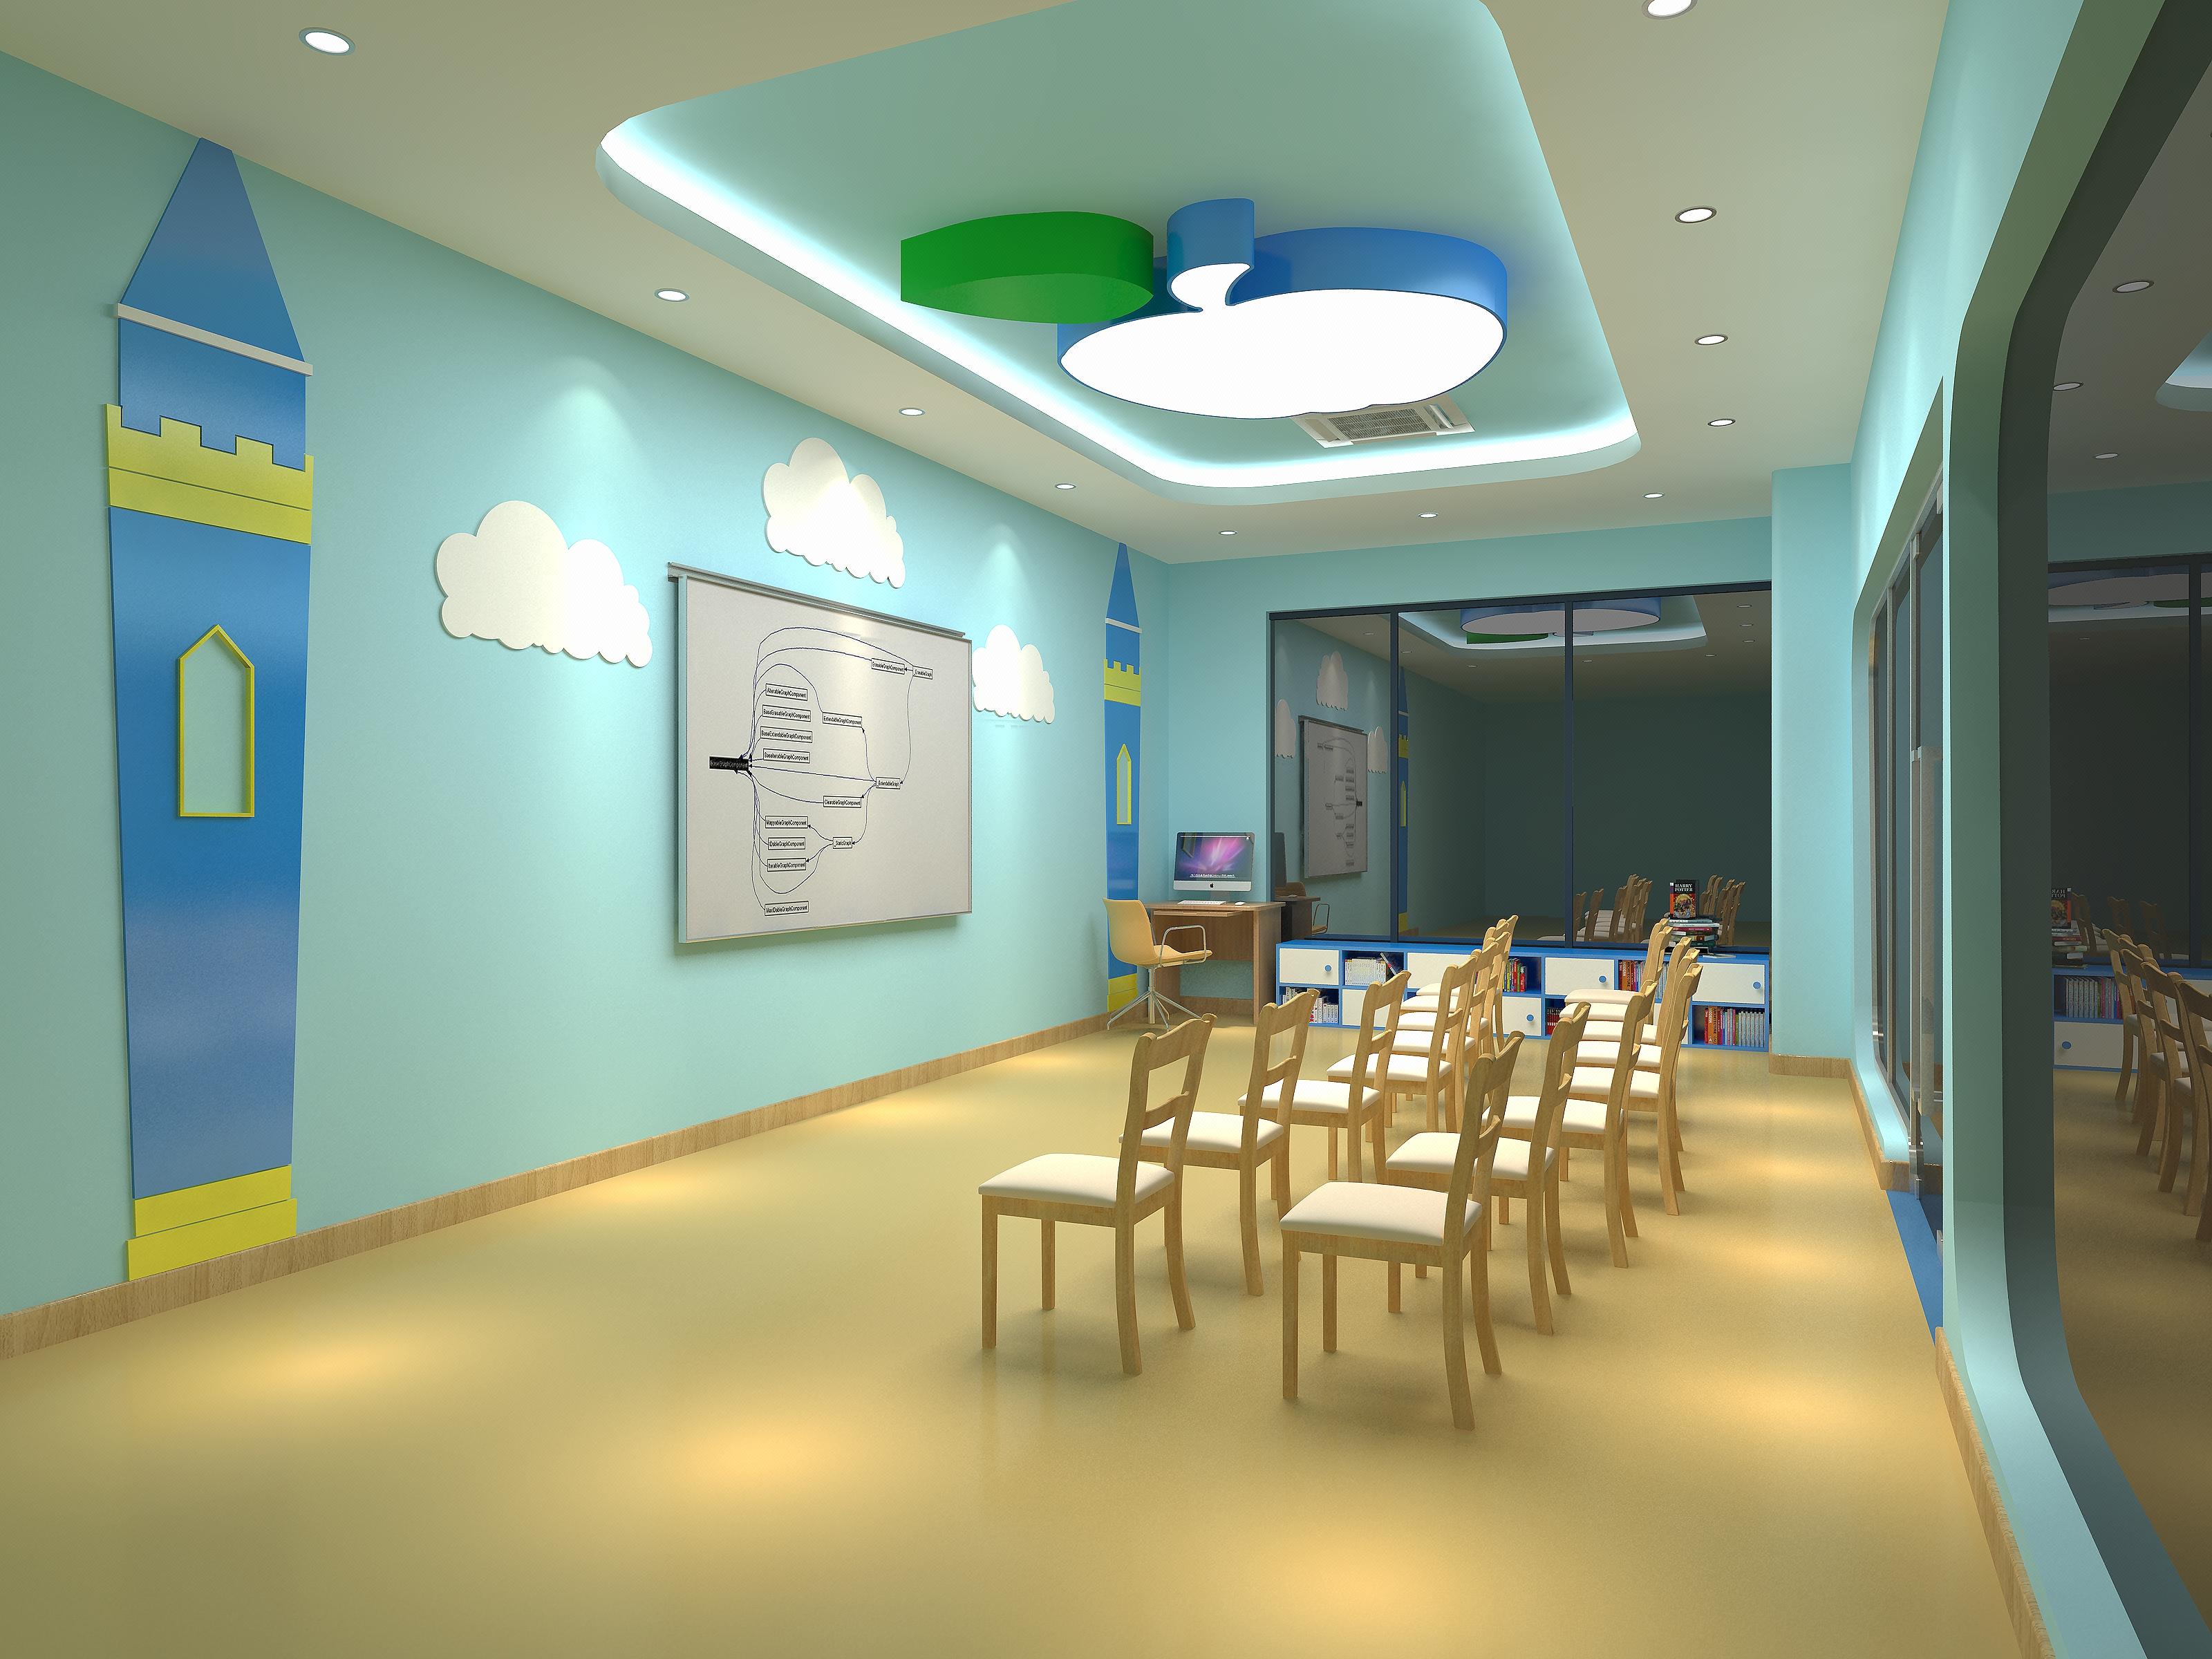 学校 少儿英语培训学校 培训学校大厅 教室室内装修设计